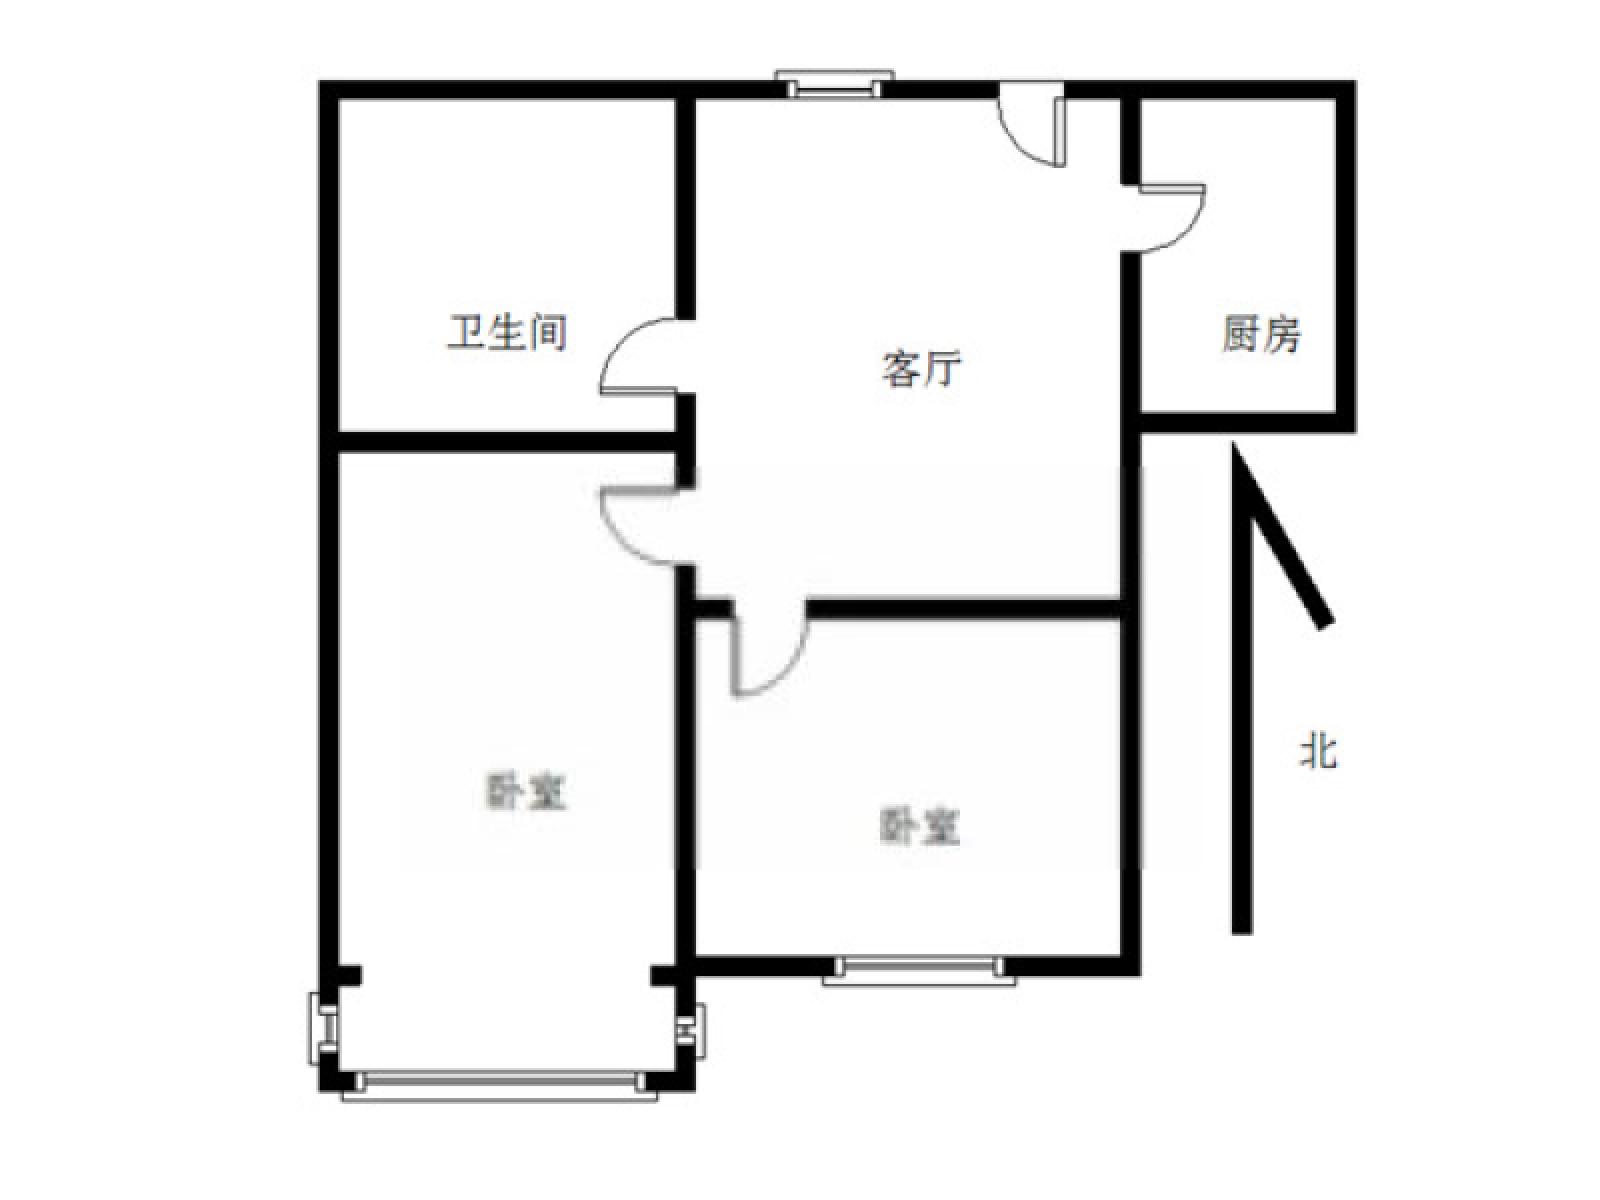 六合区葛塘街道芳庭潘园2室1厅户型图